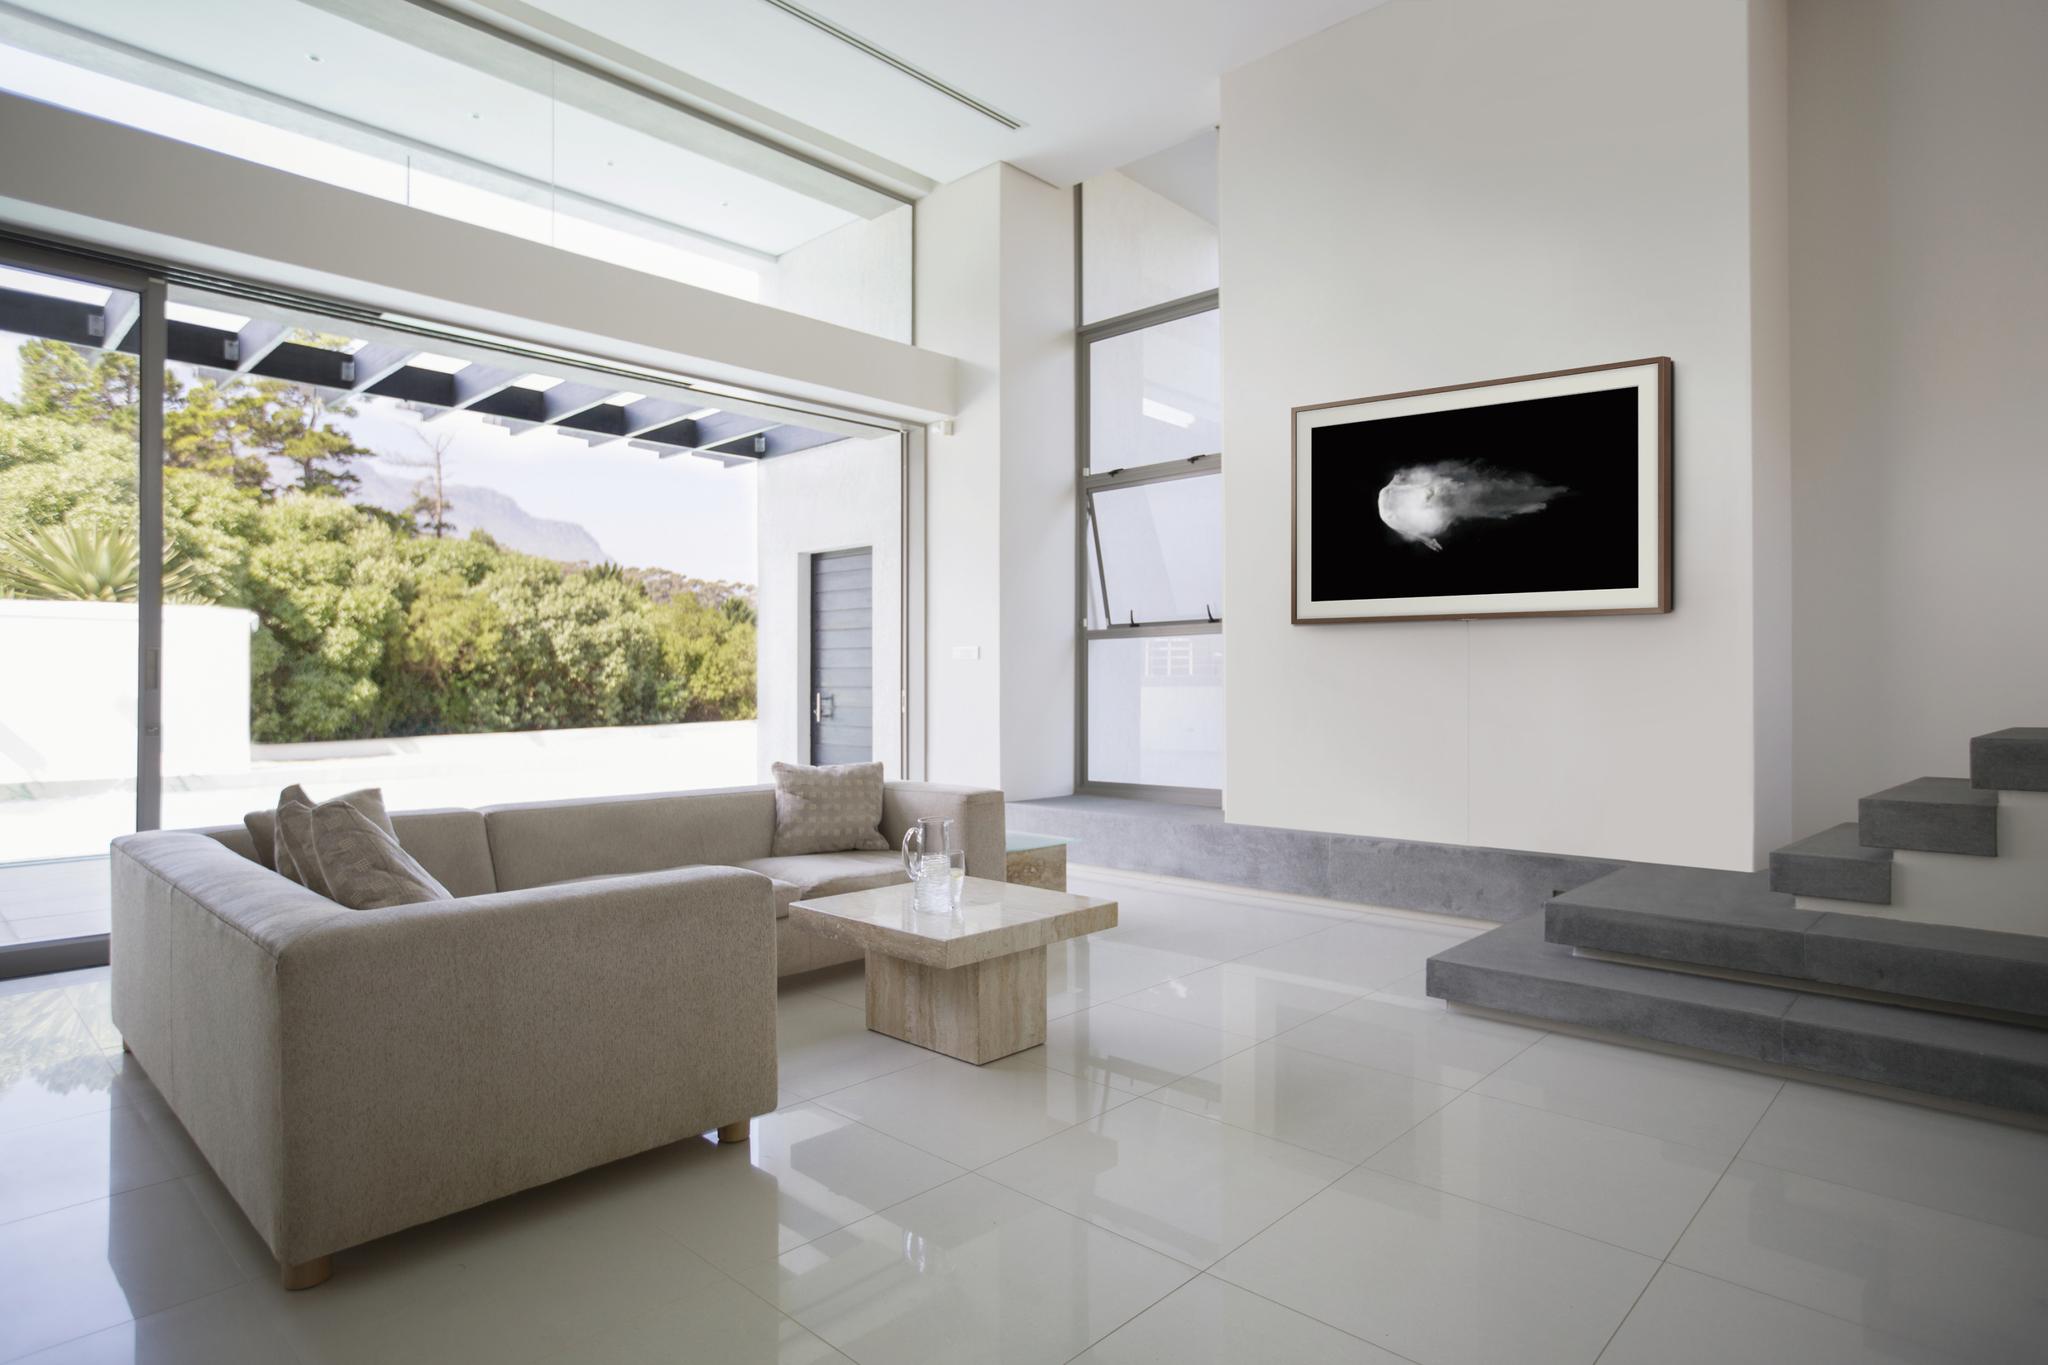 samsung frame tv 4 Samsung Releases 2nd Gen Frame TV